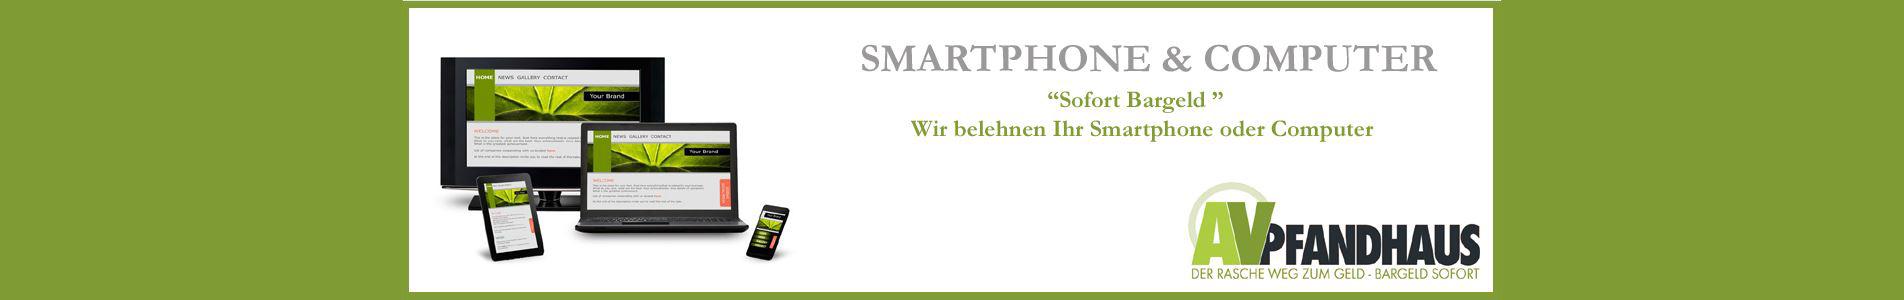 smartphonegreen